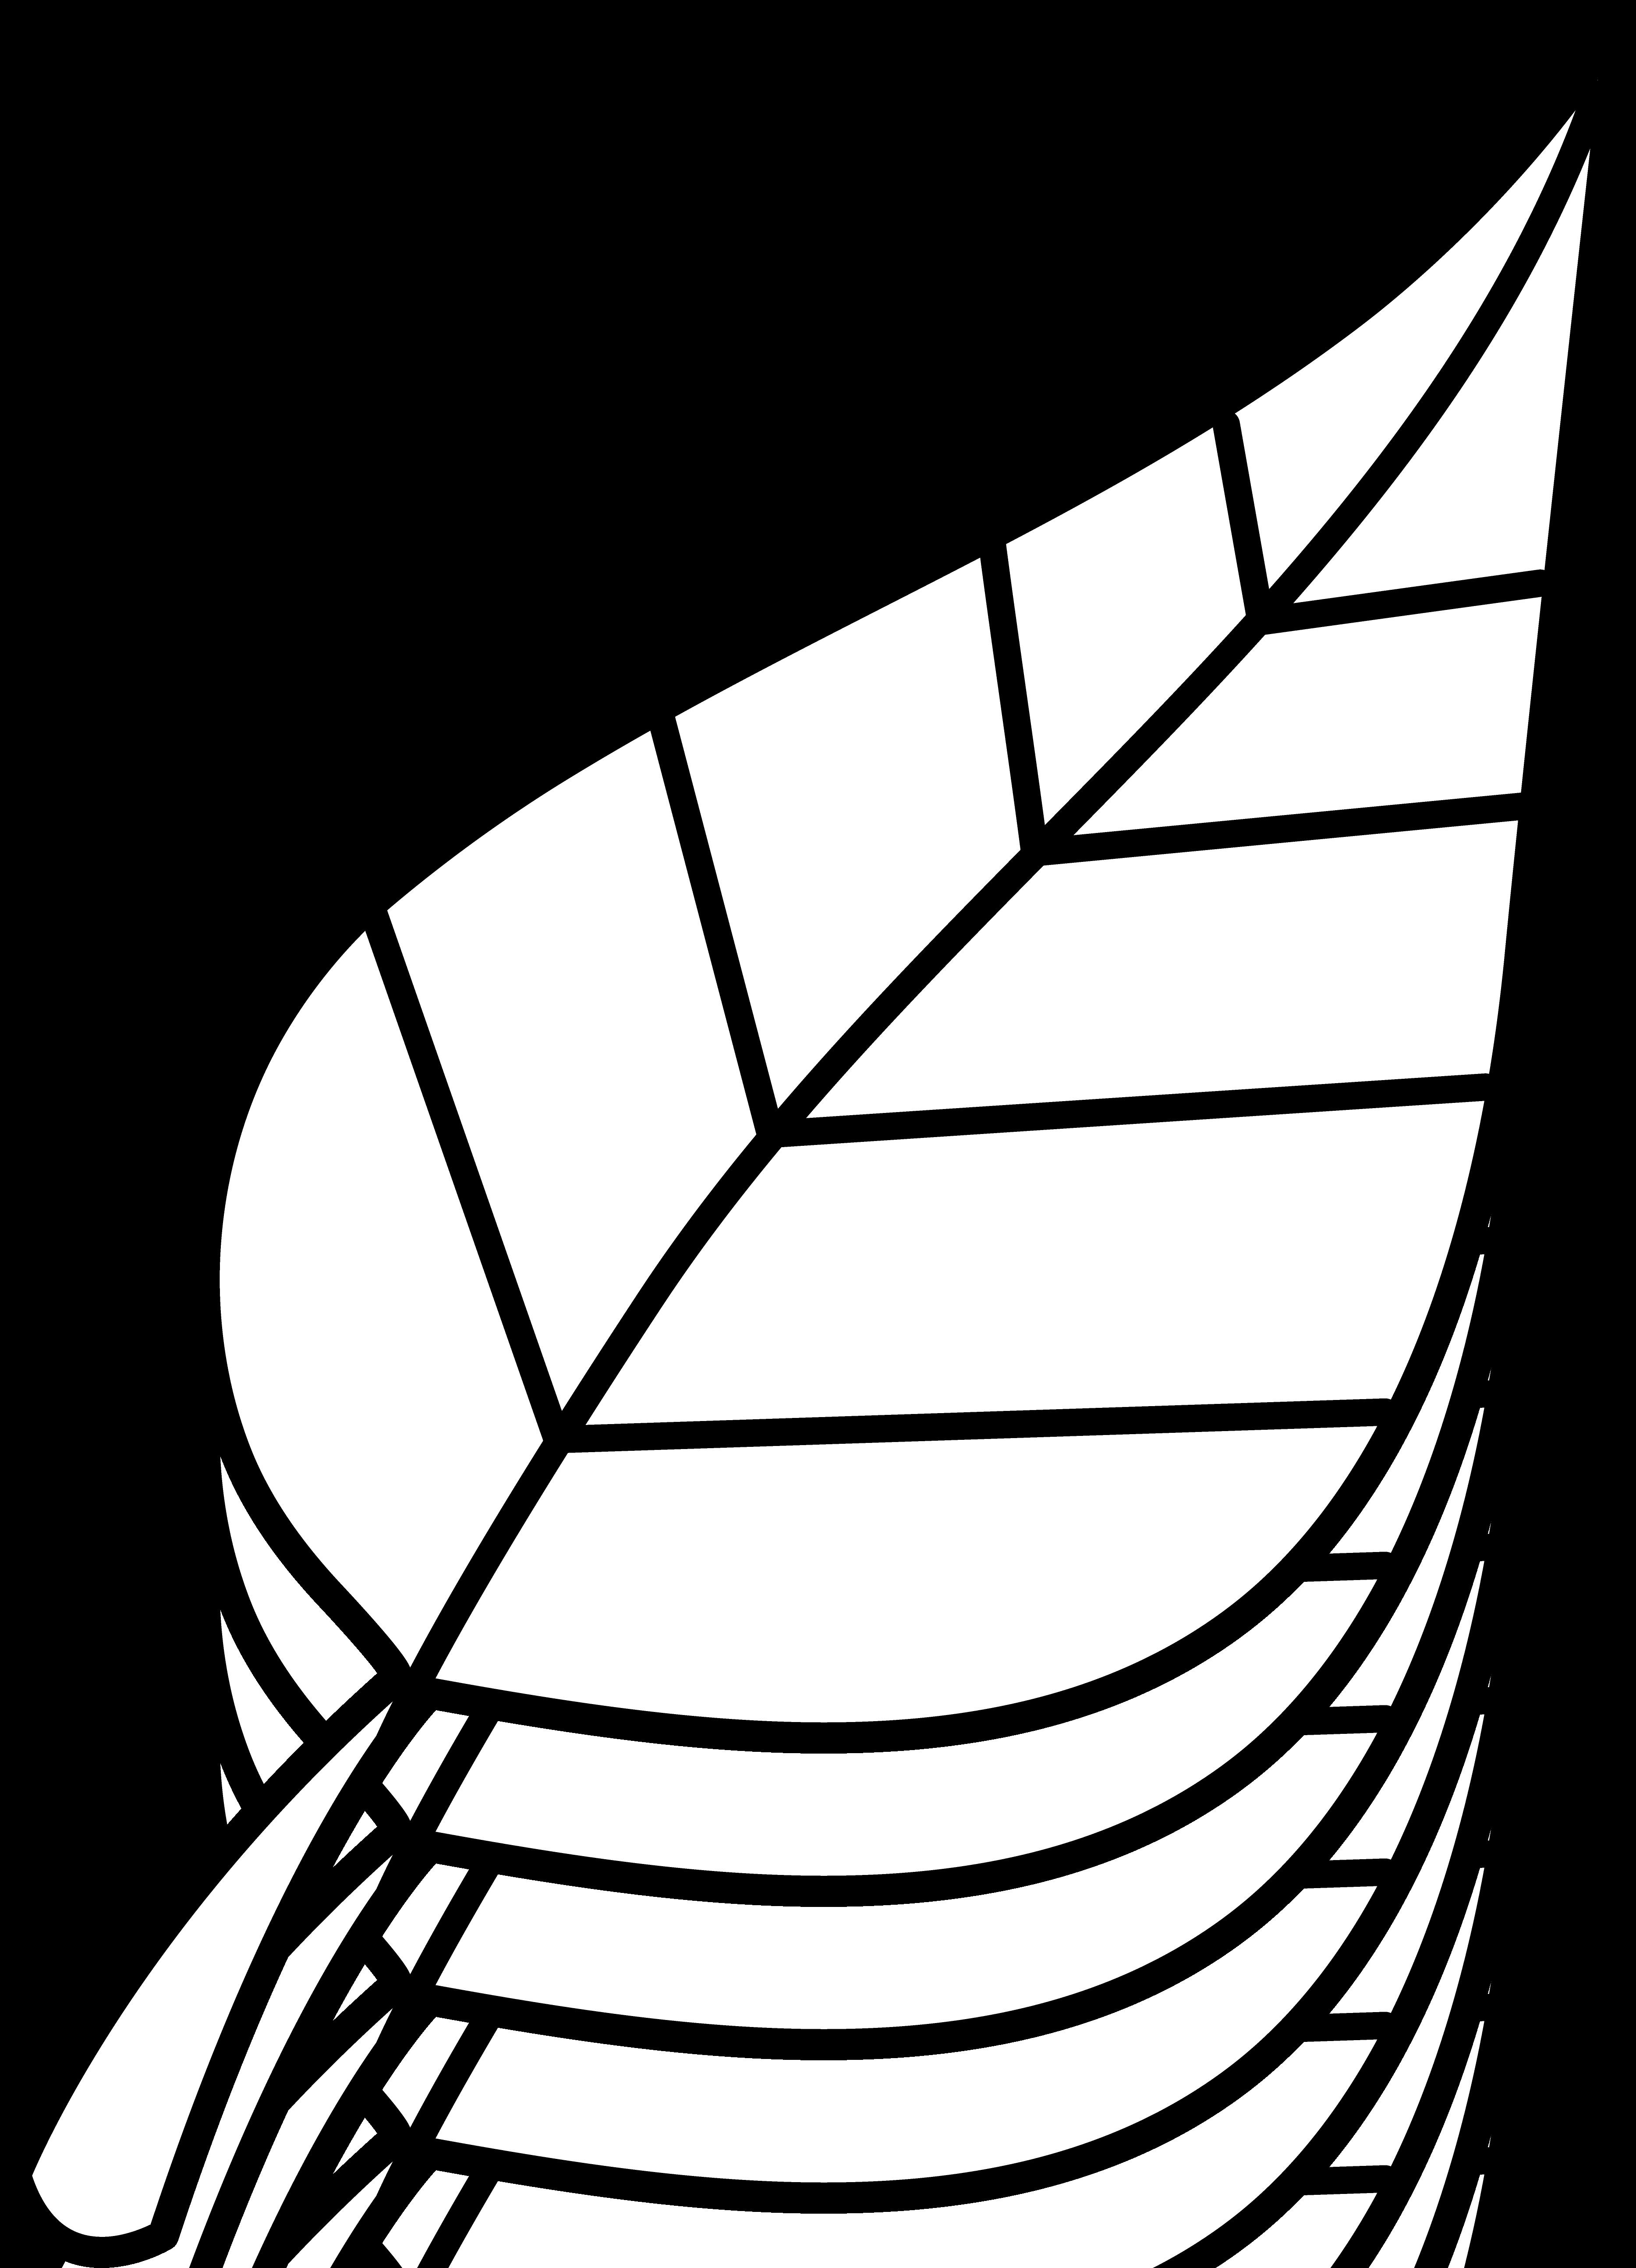 Leaf Clip Art Outline Clipart Panda Free-Leaf Clip Art Outline Clipart Panda Free Clipart Images-10